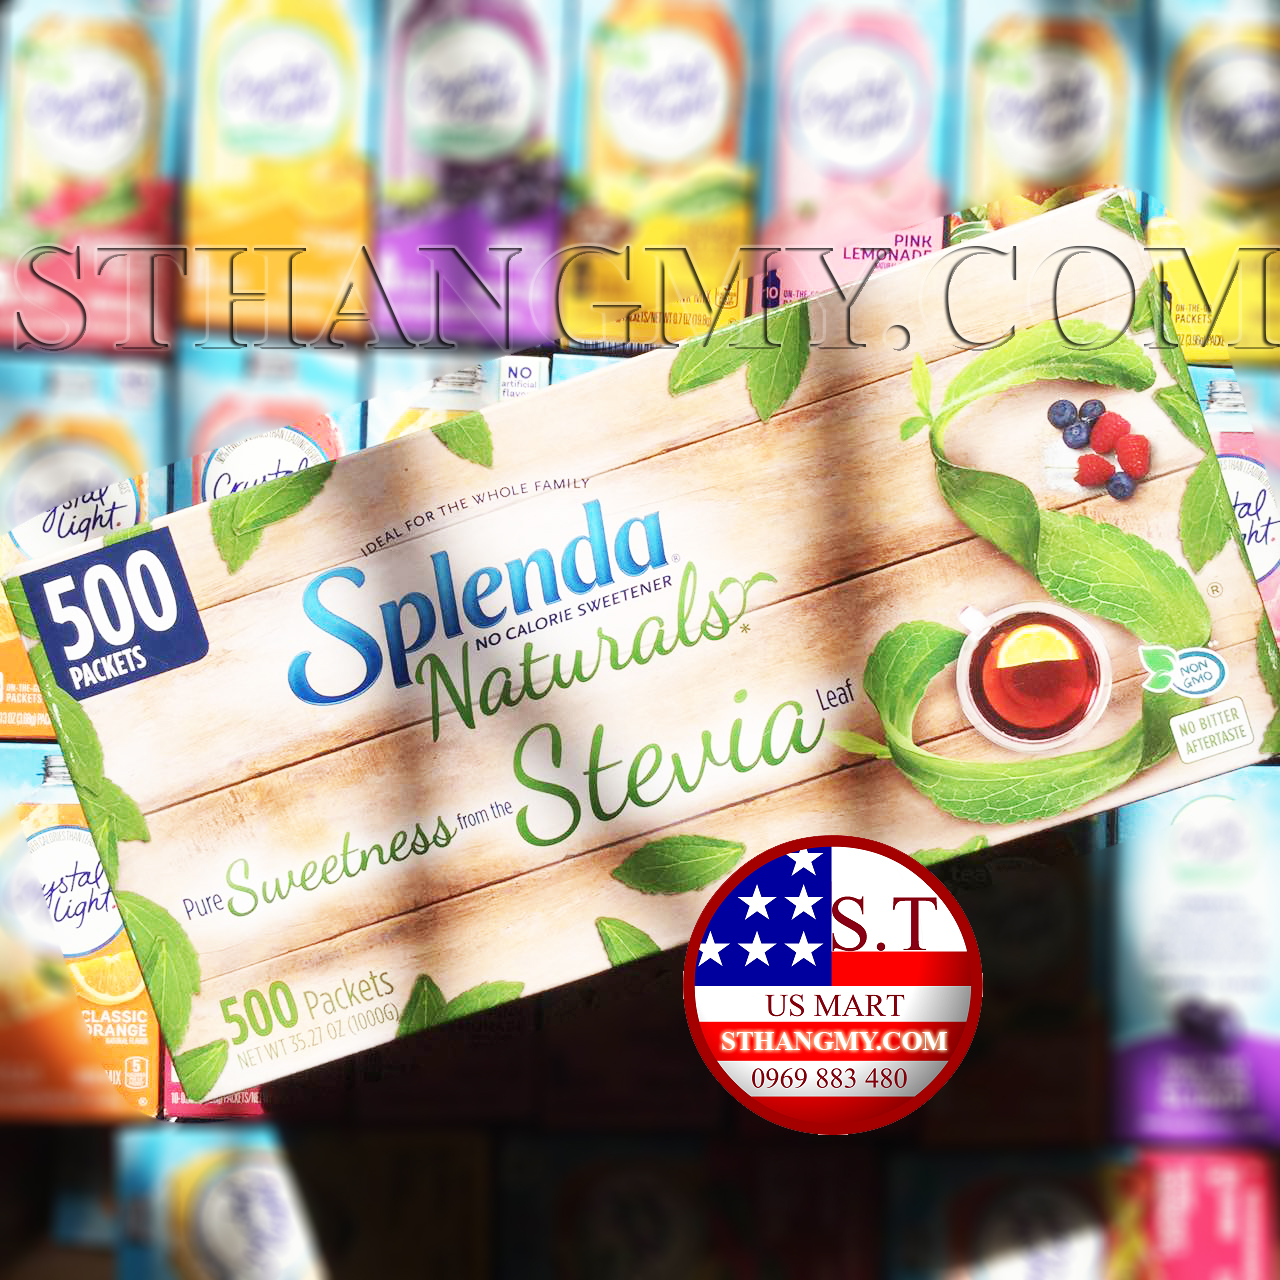 Đường ăn kiêng Splenda Cỏ ngọt tự nhiên hộp 500 gói